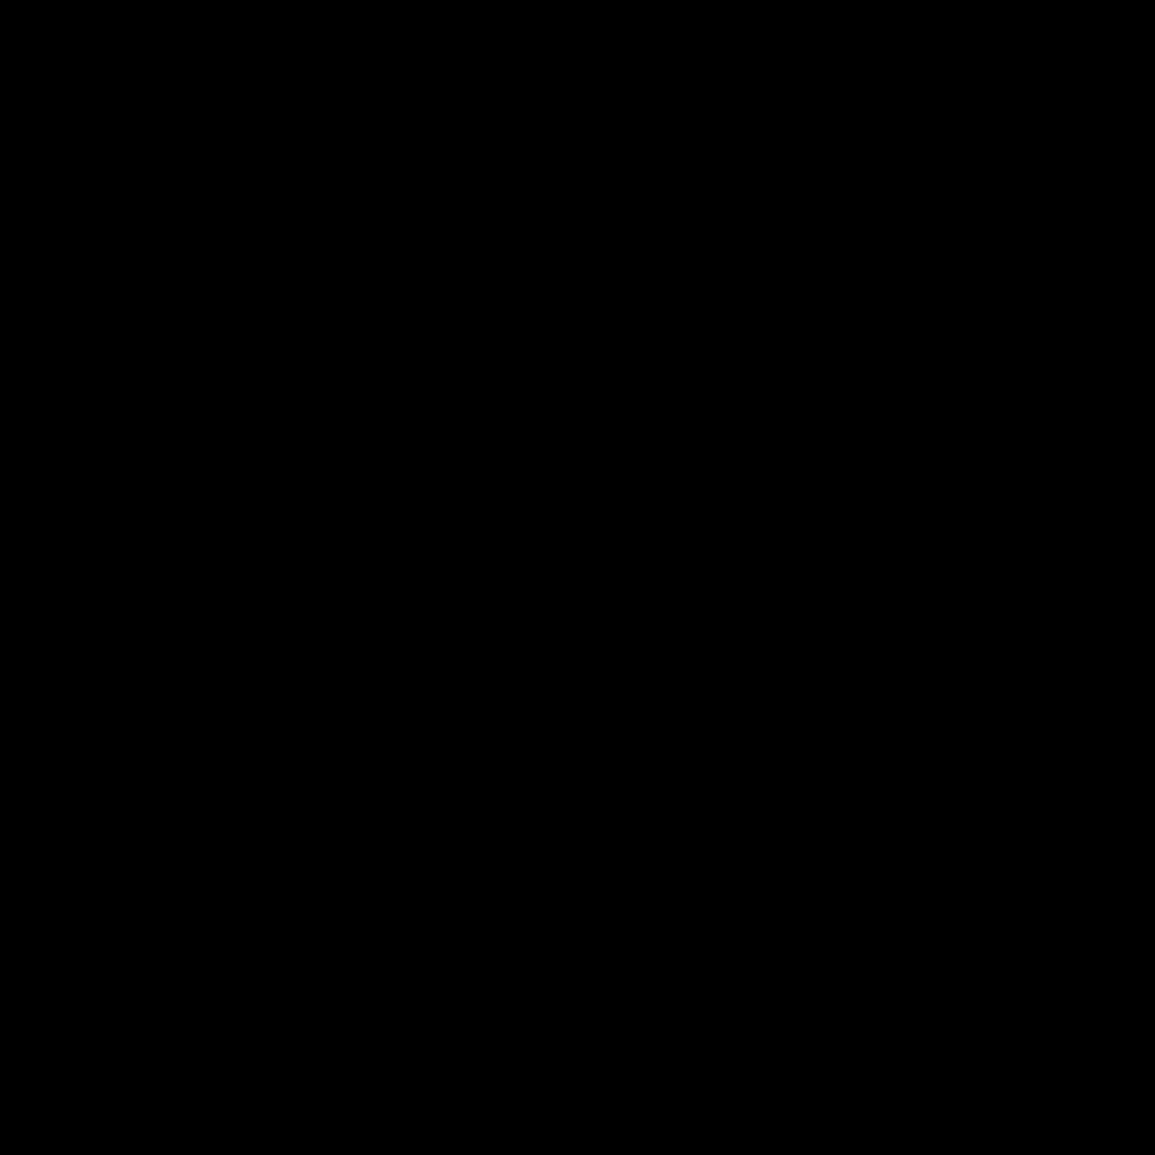 ゴーシャ E ESG 字形見本